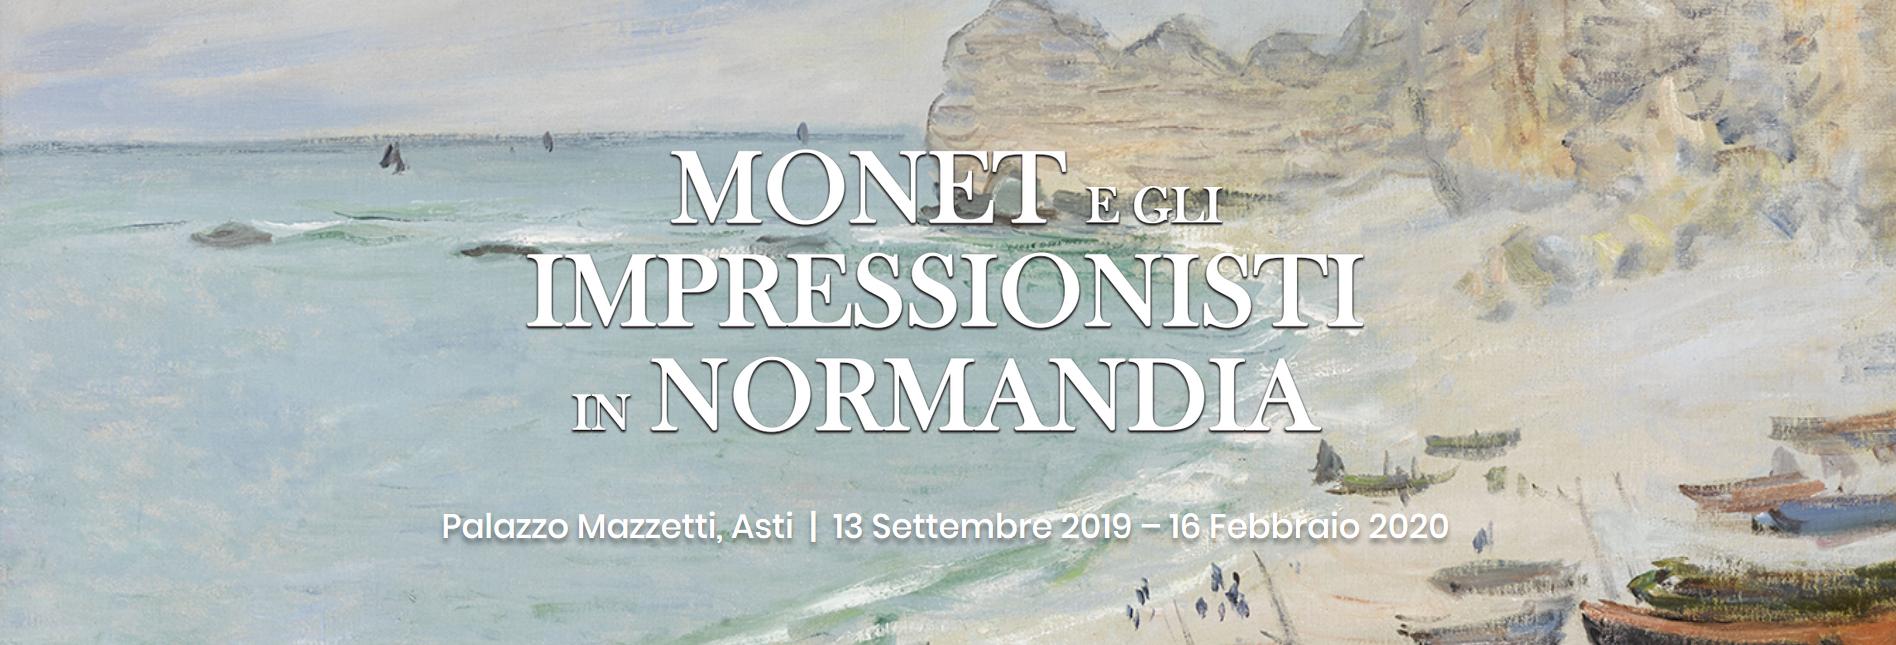 Monet e gli impressionisti in Normandia - Asti